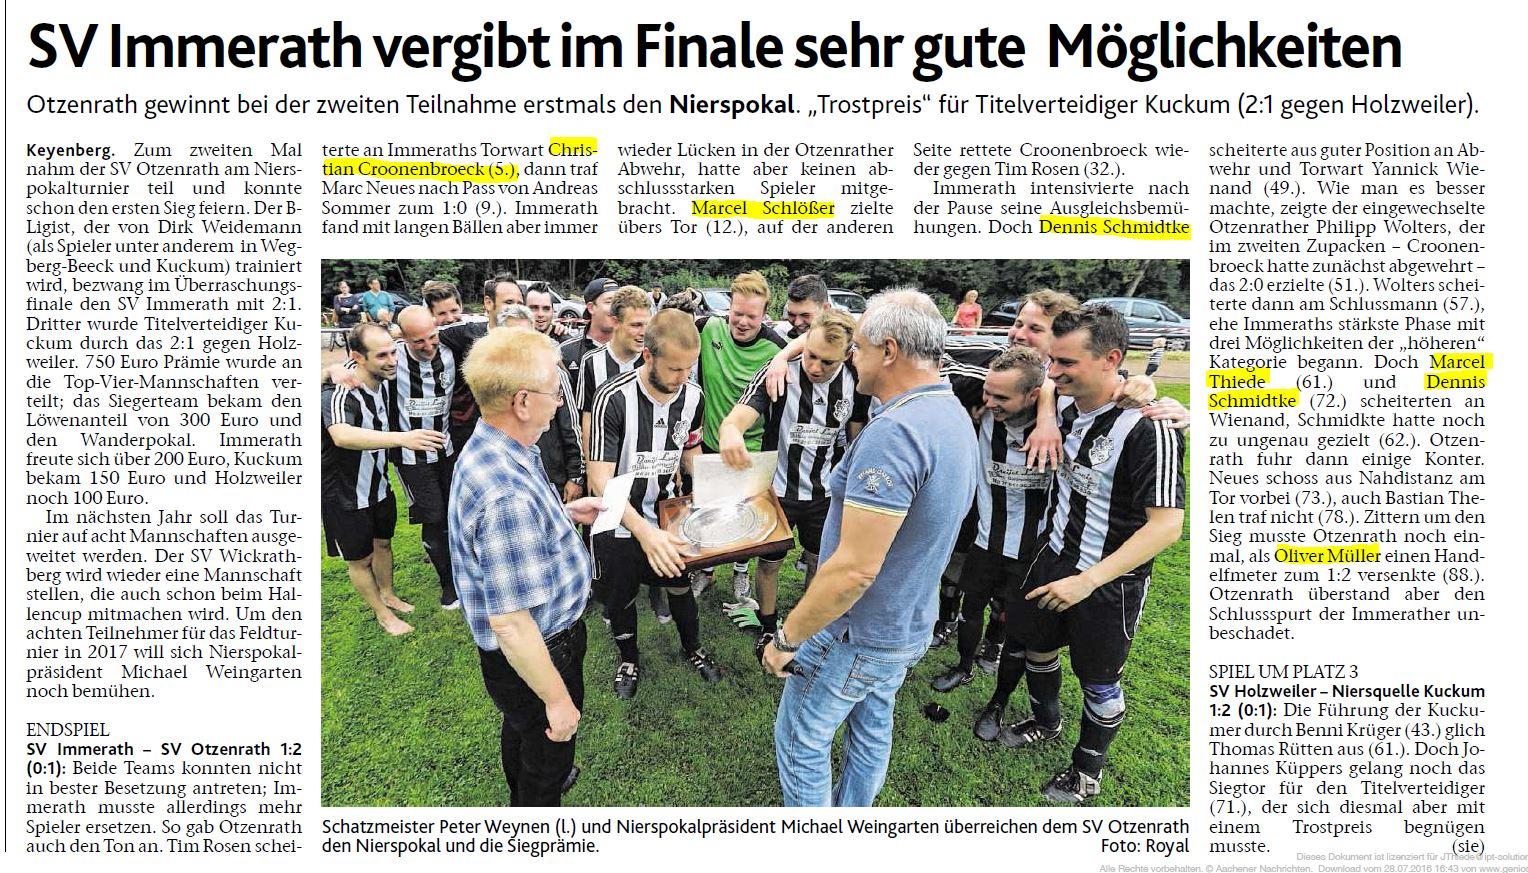 Presse_D41_RP_18072016_Nierspokal